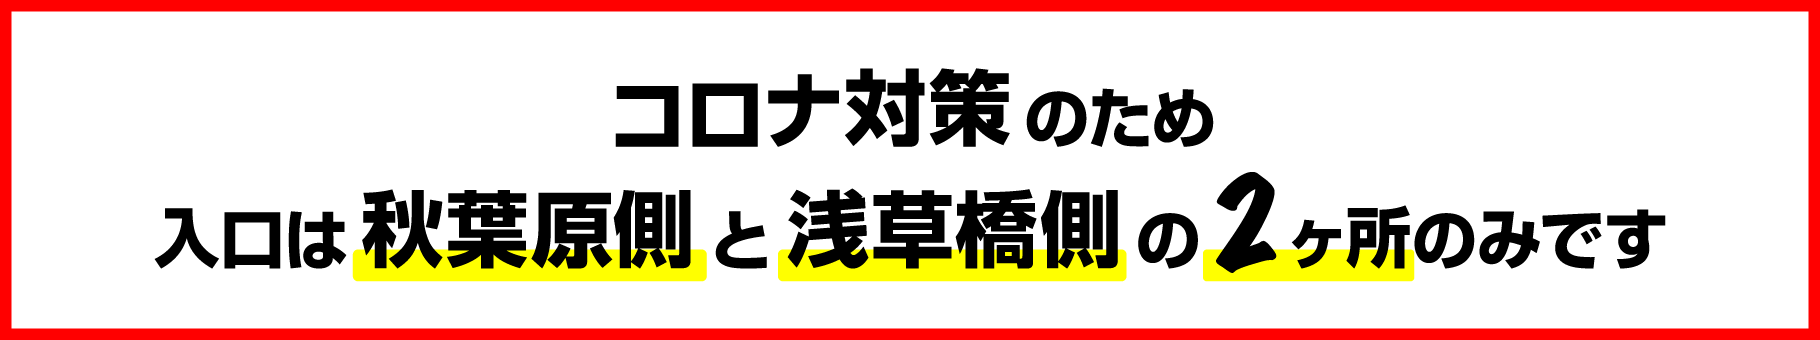 コロナ対策のため 入口は秋葉原側と浅草橋側の2ヶ所のみです